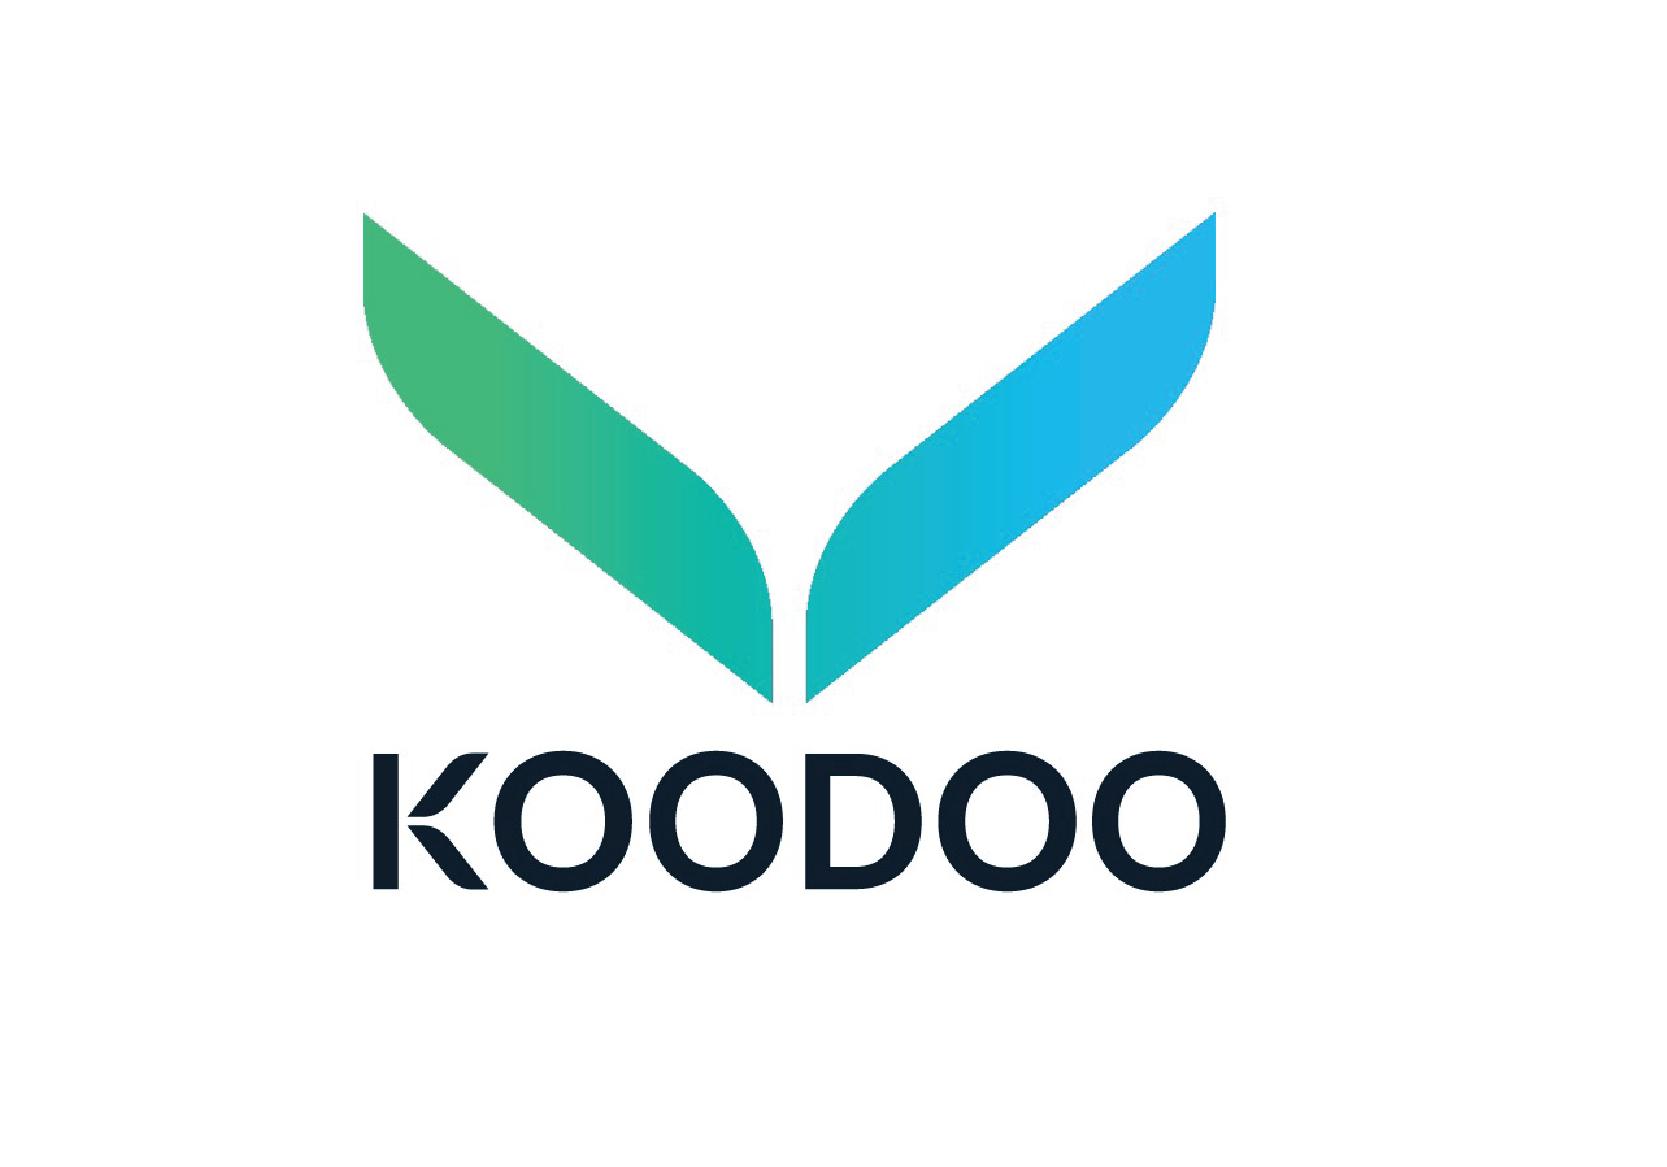 Koodoo Global